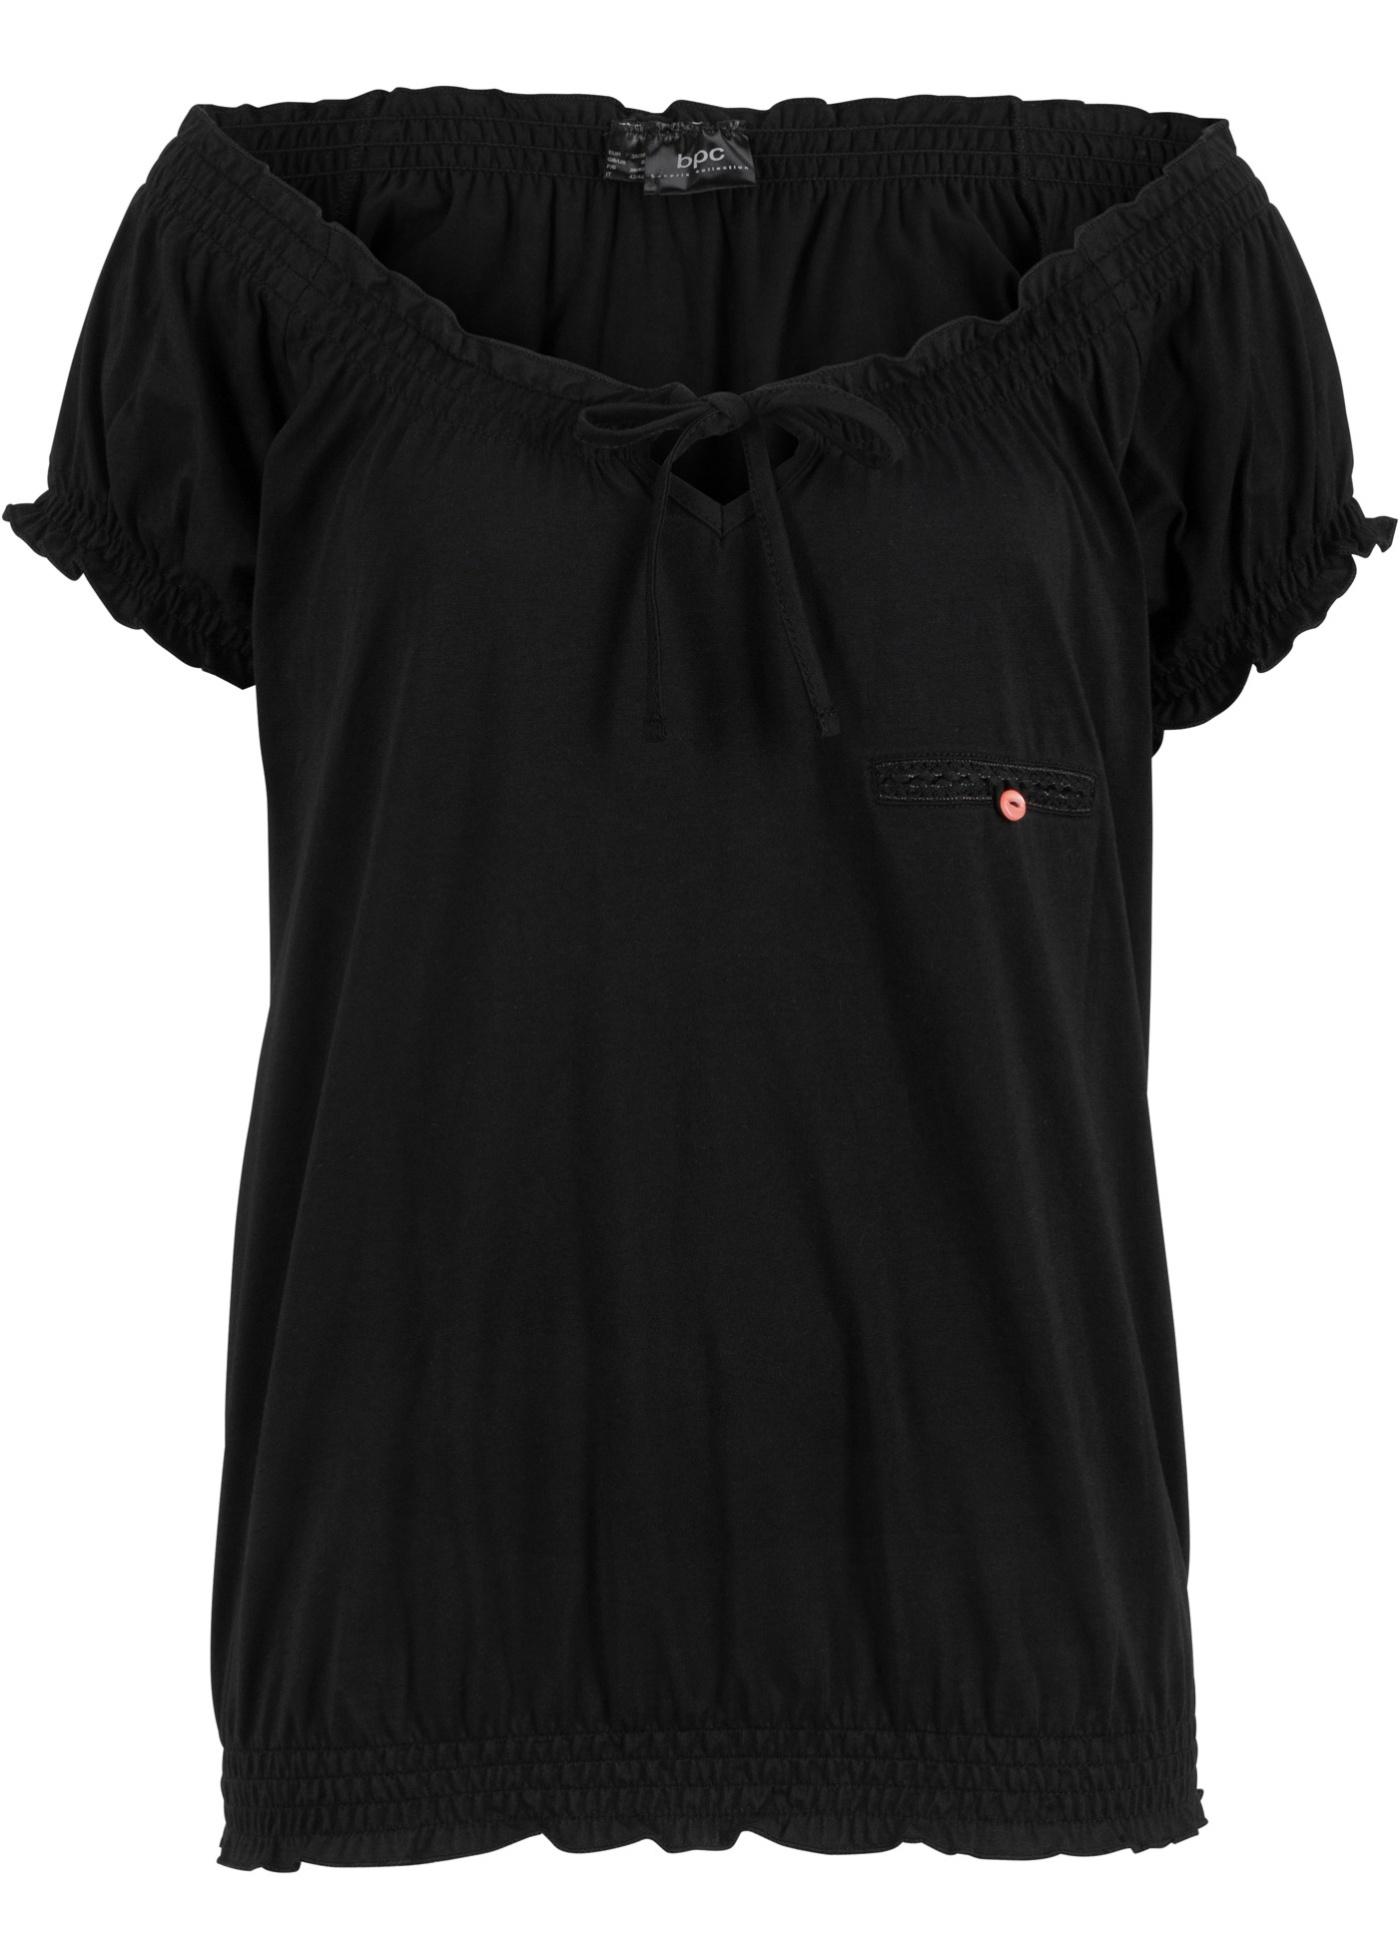 shirt Courtes Bpc CollectionT Pour Noir Manches Bonprix Femme yYfg76bv